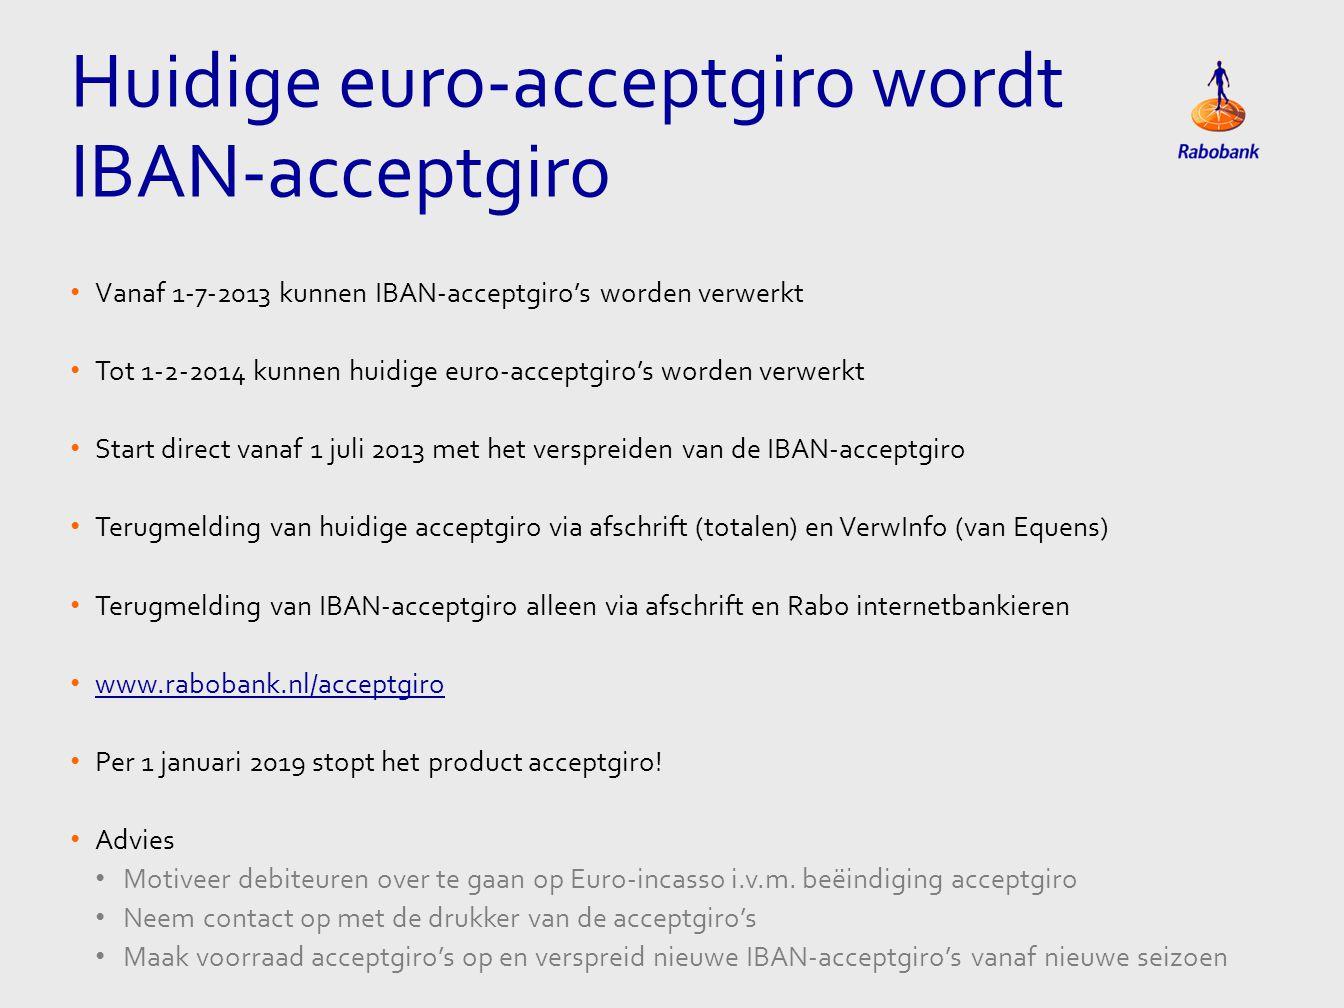 • Vanaf 1-7-2013 kunnen IBAN-acceptgiro's worden verwerkt • Tot 1-2-2014 kunnen huidige euro-acceptgiro's worden verwerkt • Start direct vanaf 1 juli